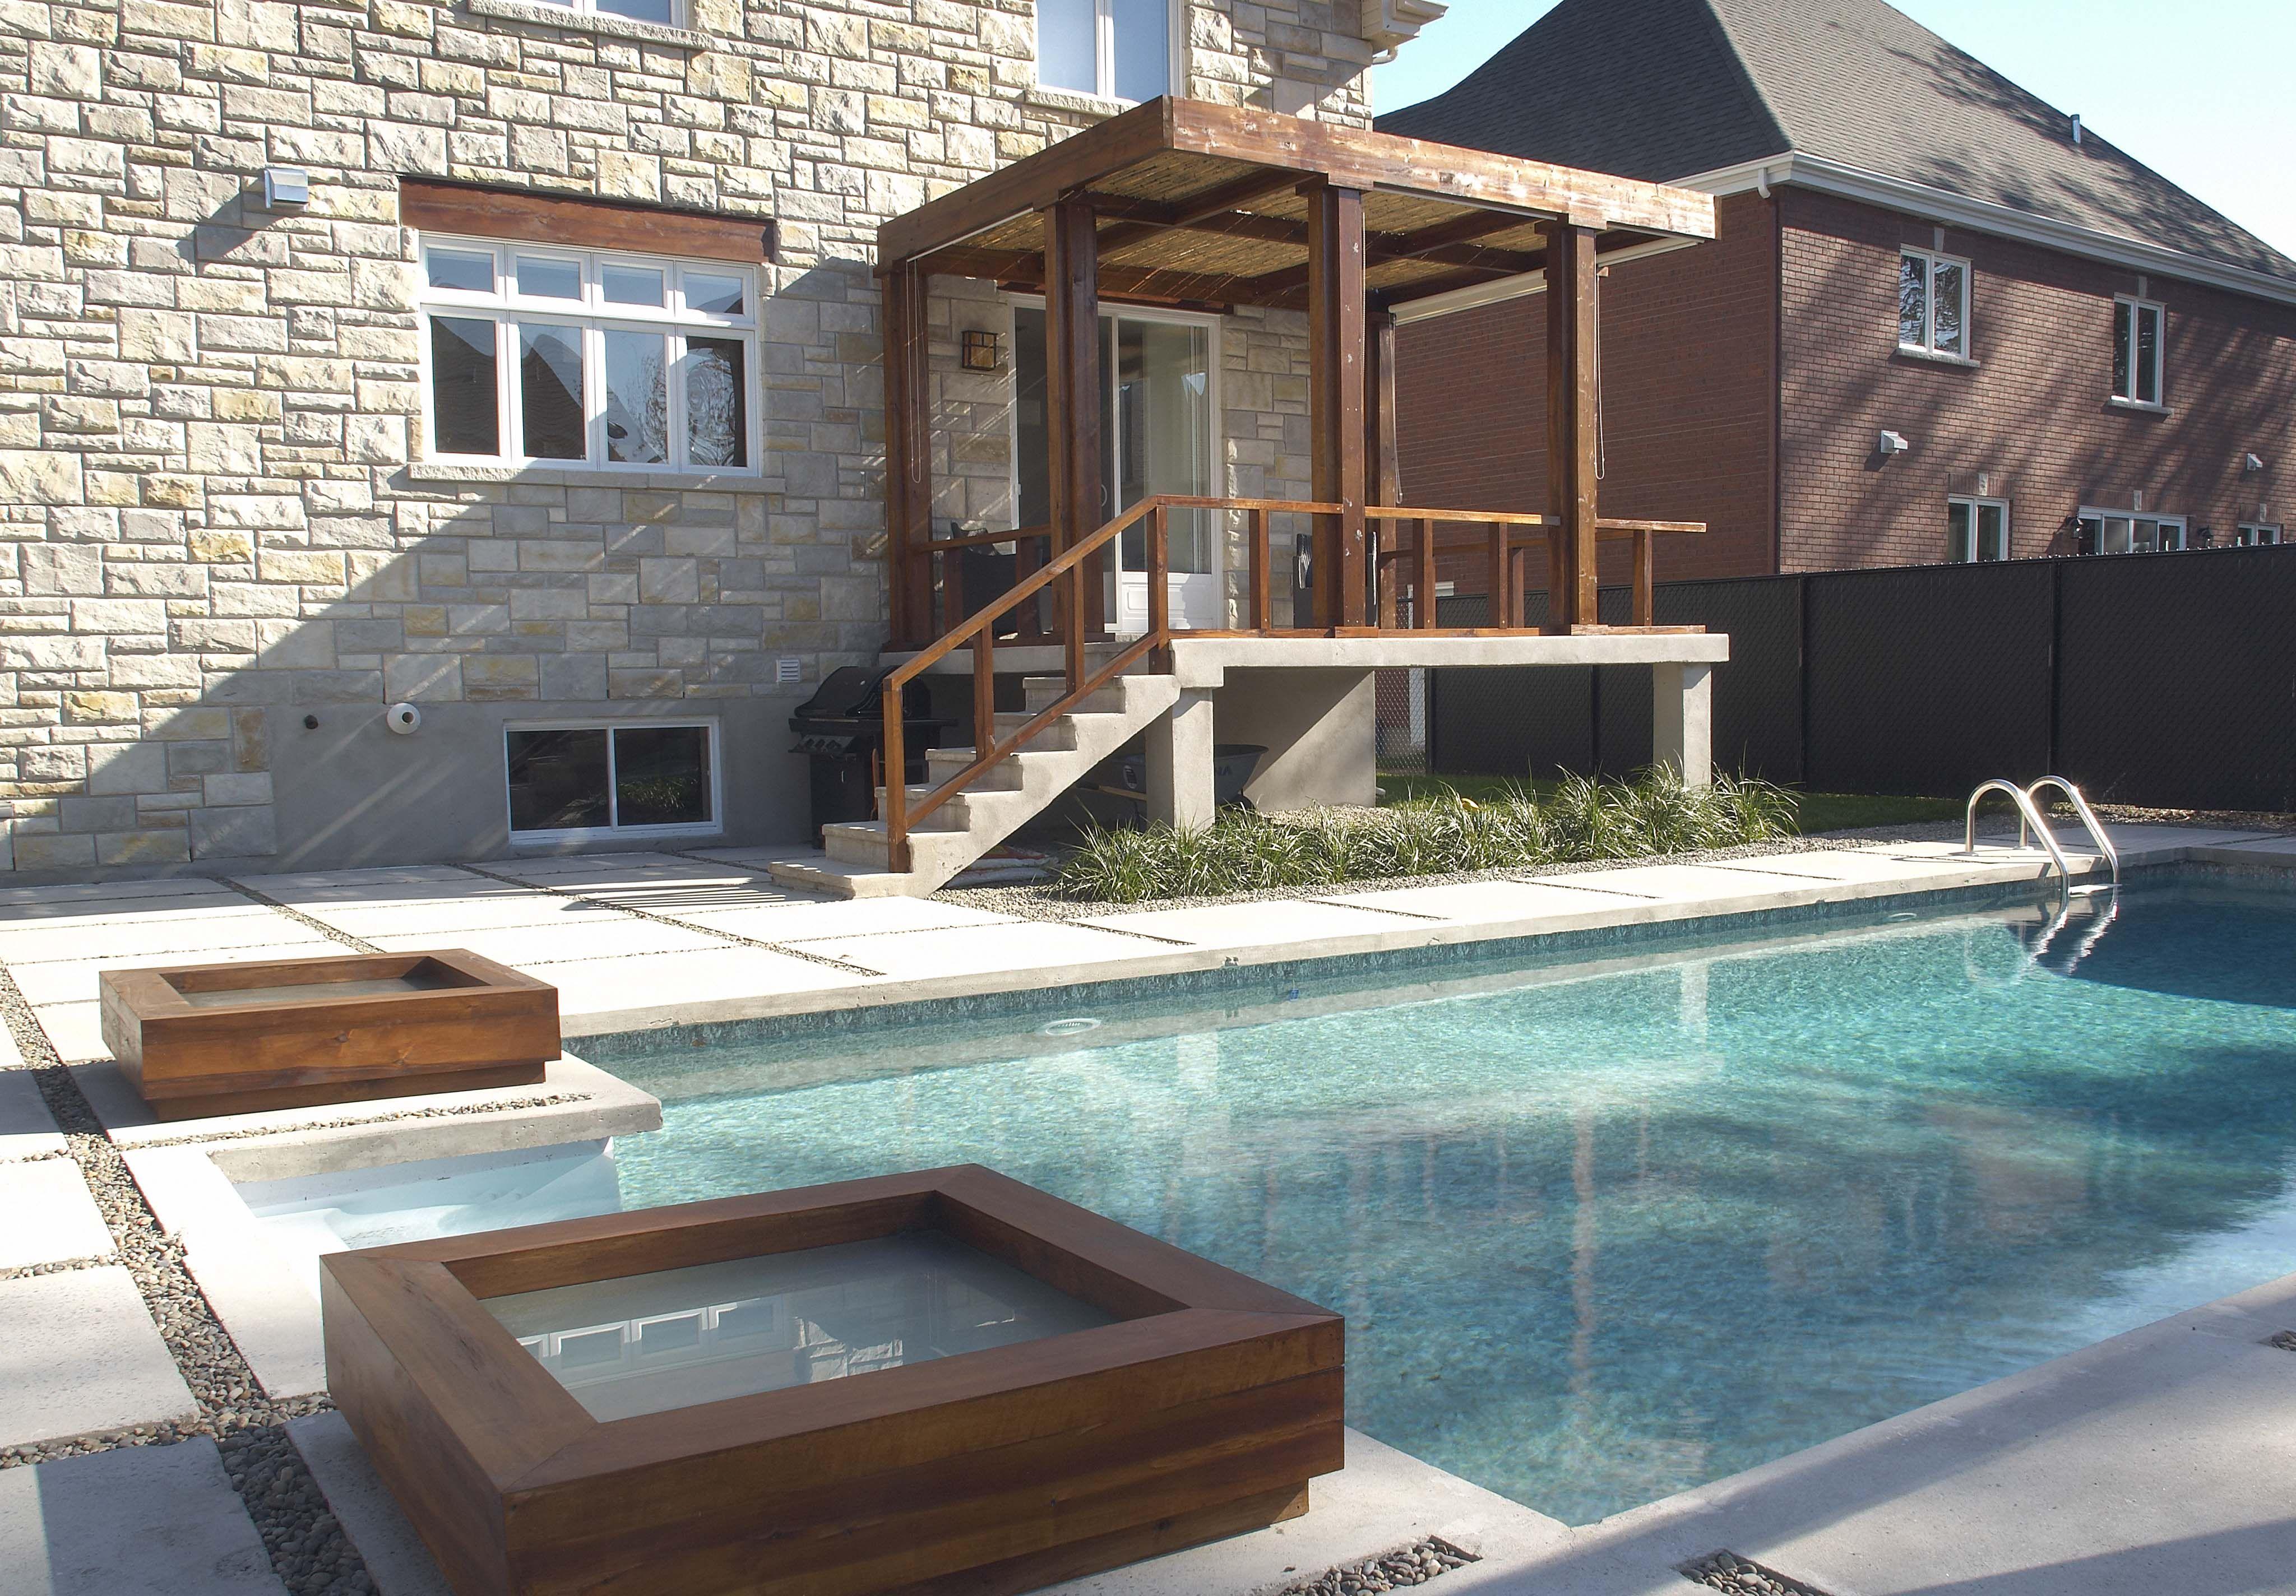 am nagement moderne d 39 une piscine creus e et d 39 une terrasse dalles de pav et pierres bois. Black Bedroom Furniture Sets. Home Design Ideas